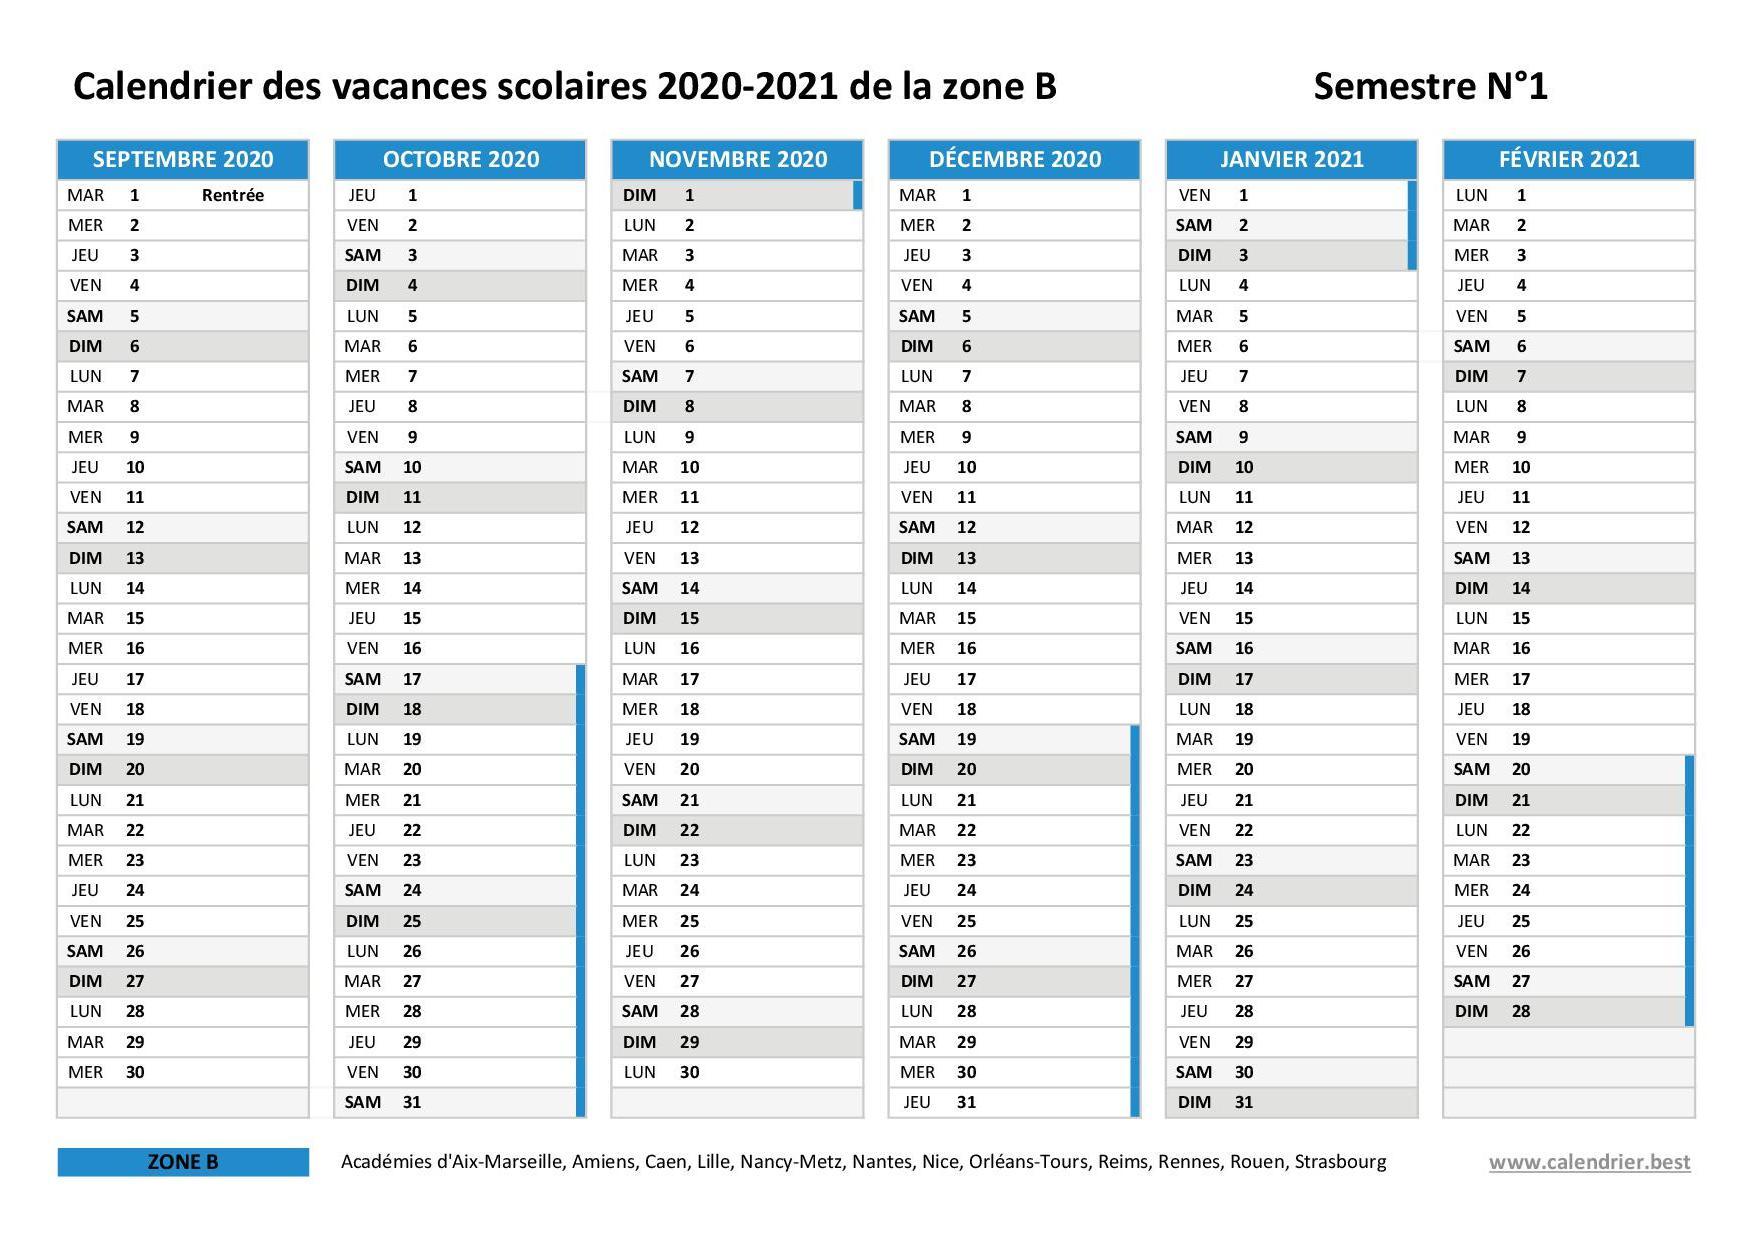 Calendrier Universitaire Lille 2021 2022 Vacances scolaires 2020 2021 Lille : dates et calendrier